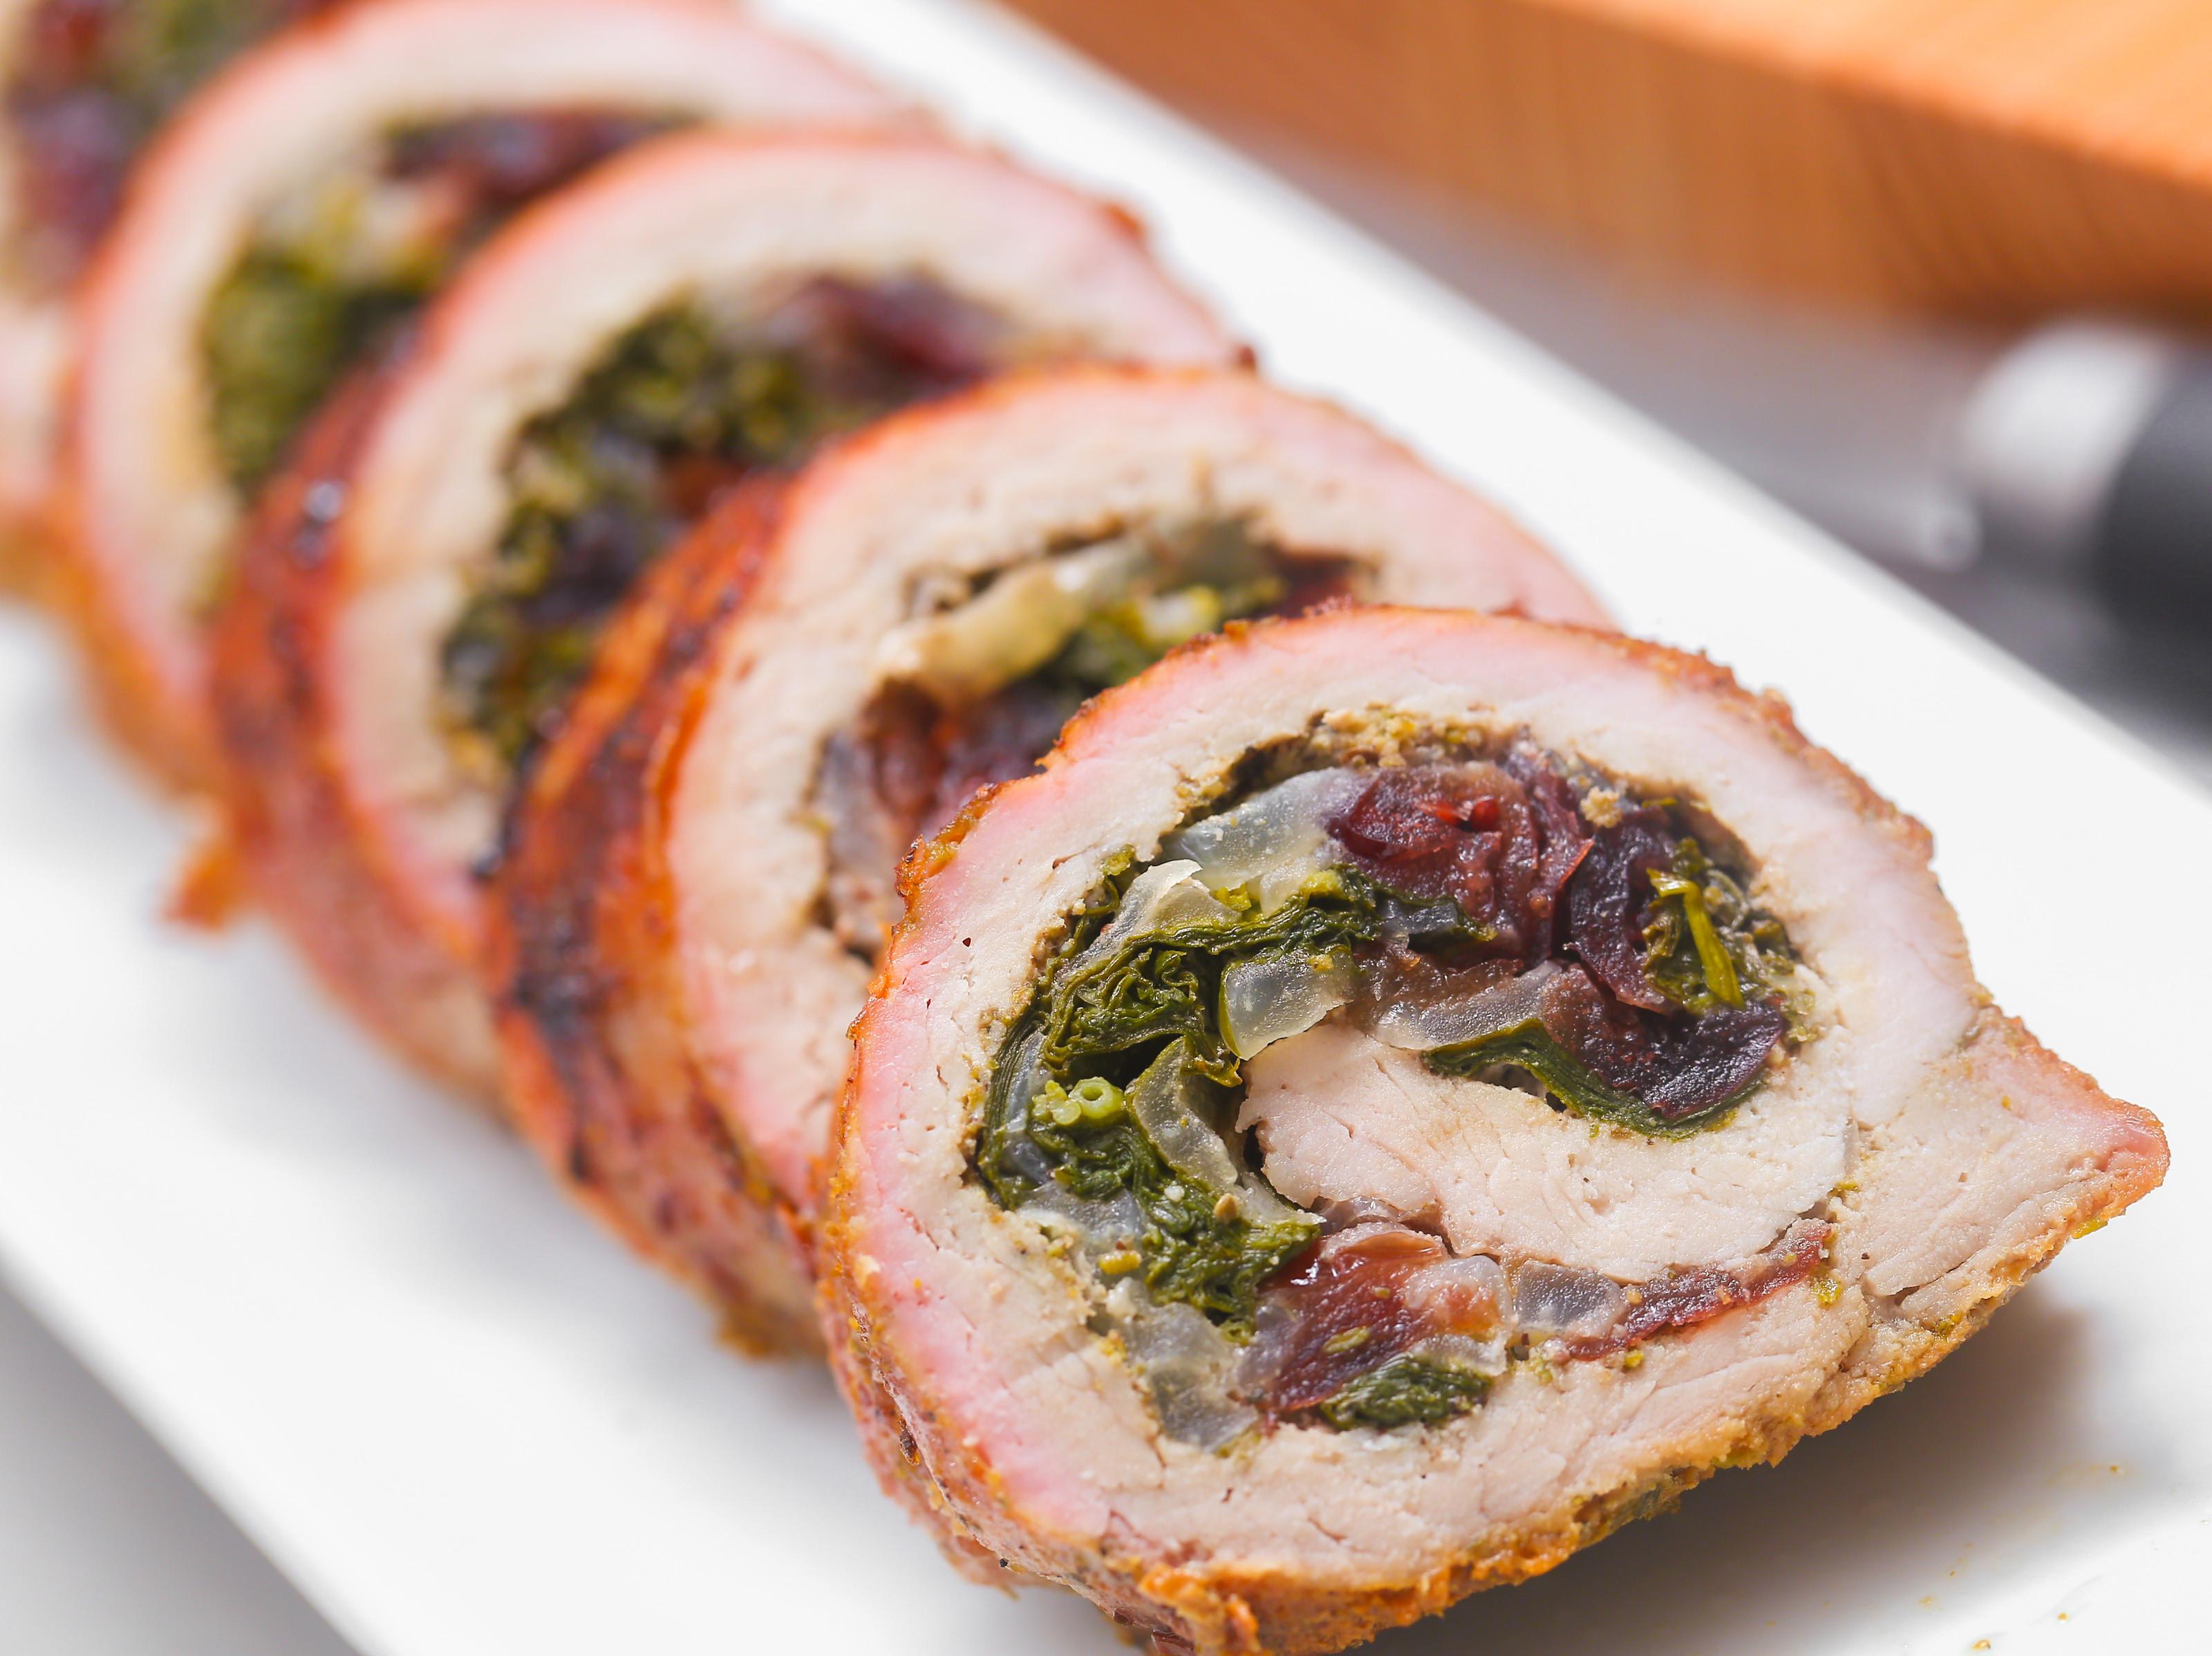 Grilling Pork Tenderloin  4 Ways to Grill Pork Tenderloin wikiHow